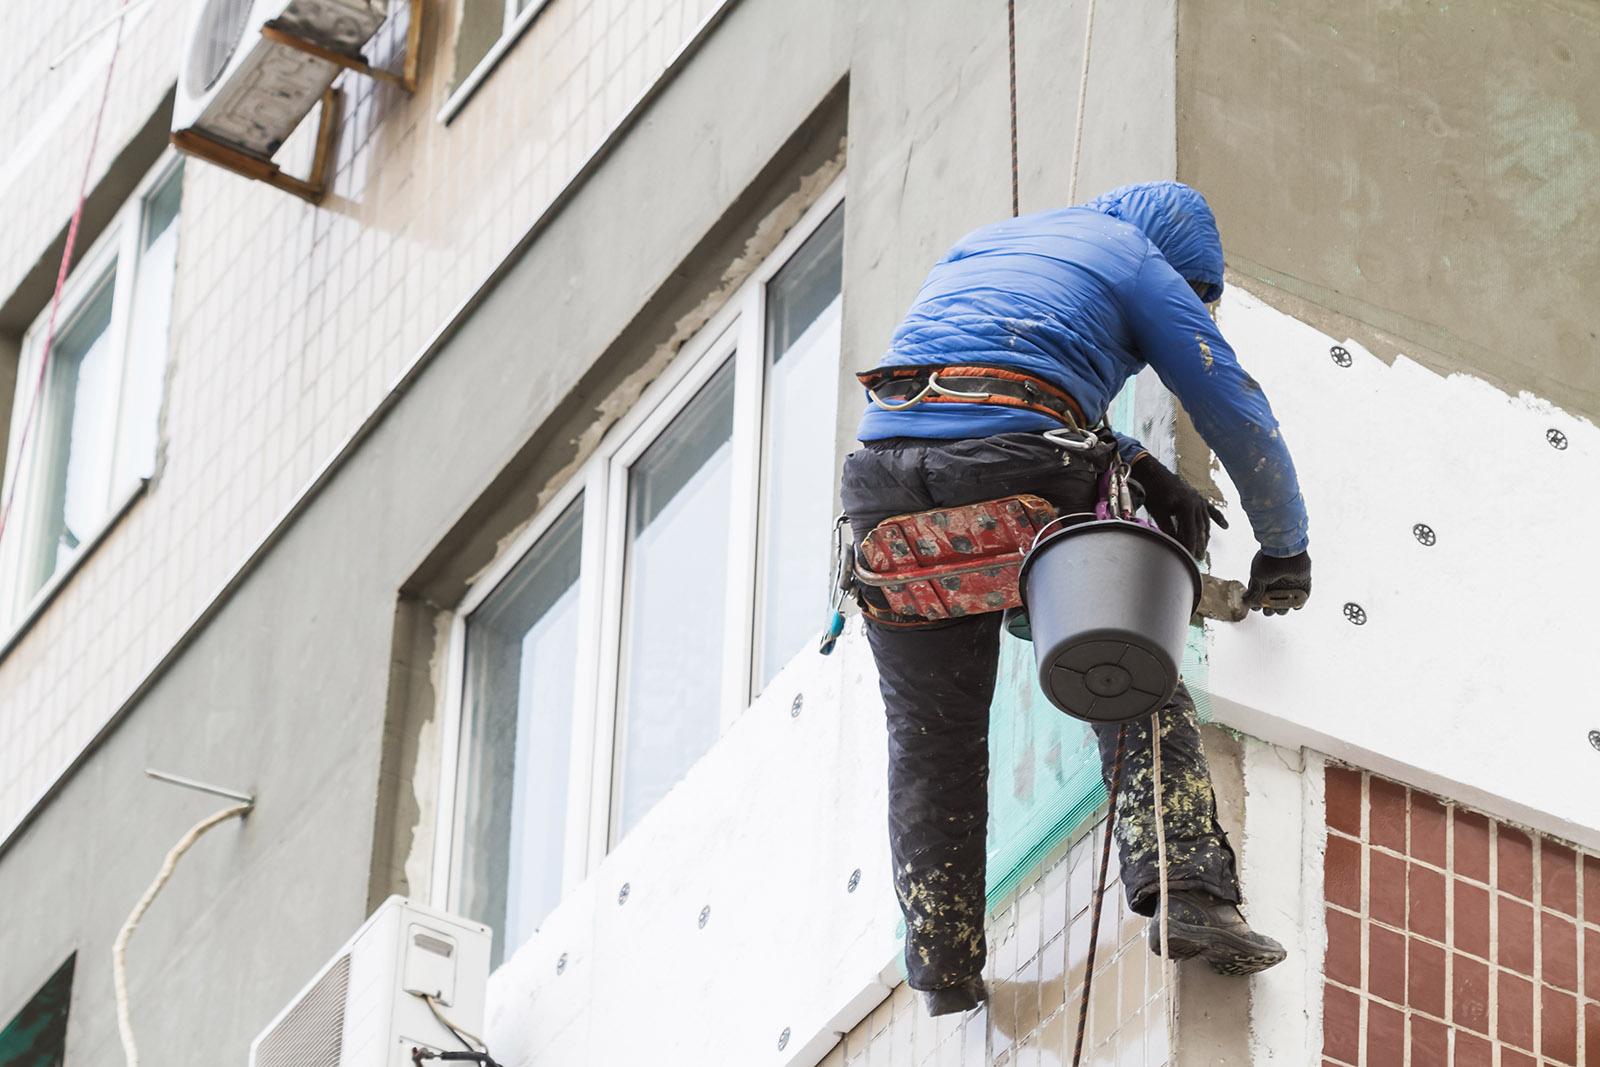 マンションの大規模修繕時はグレードアップ(改良)工事も検討すべき?